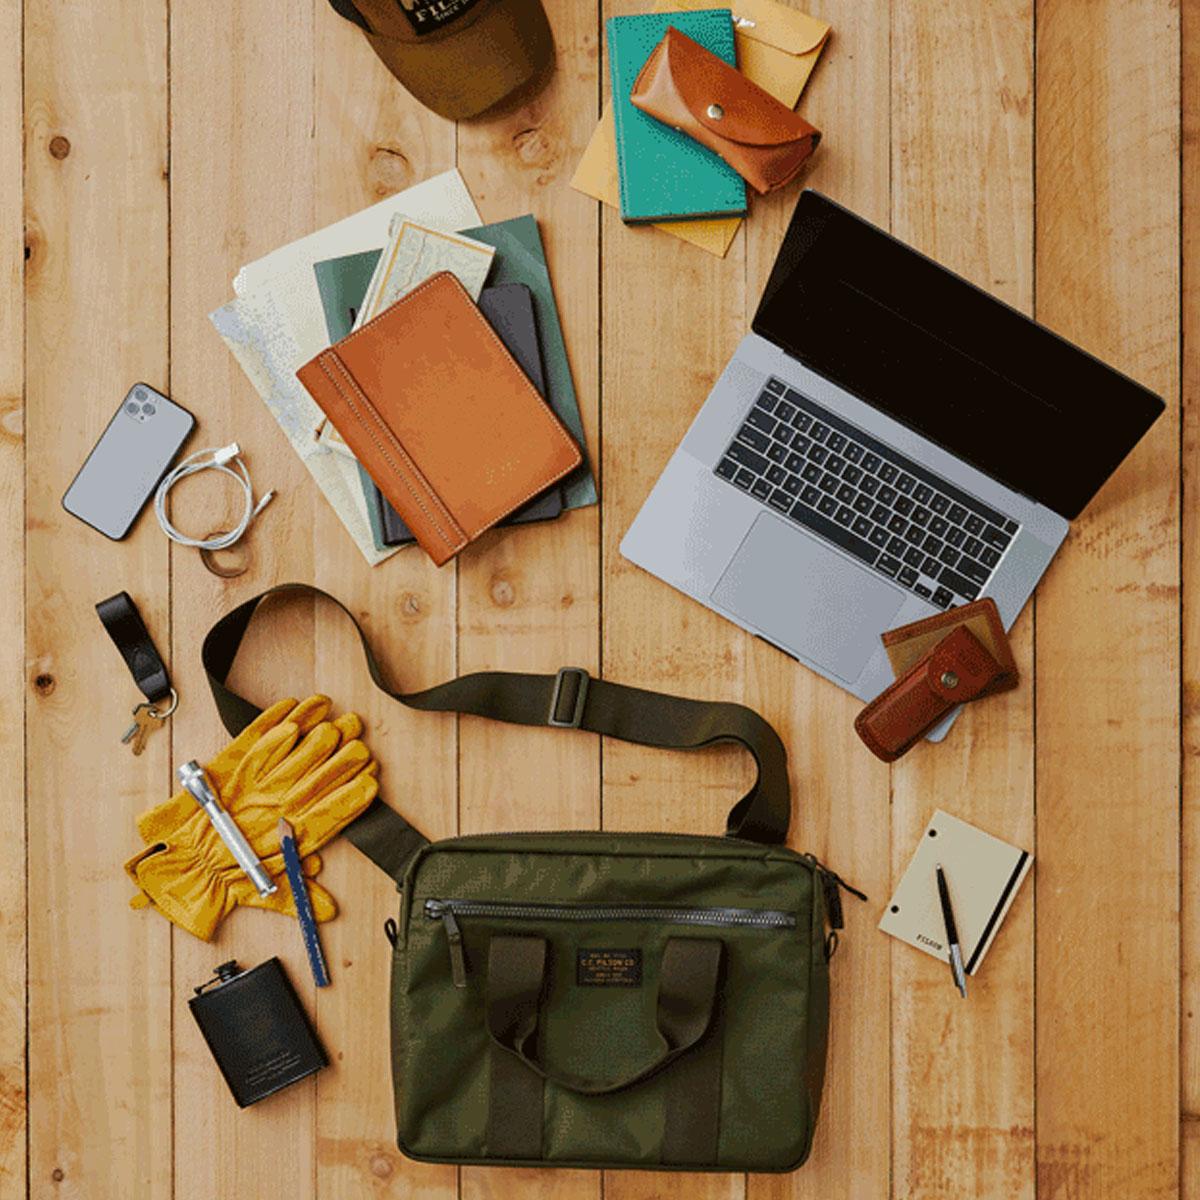 Filson Ripstop Nylon Compact Briefcase 20203678-Surplus Green, kompakt und stromlinienförmig für das Wesentliche im Business